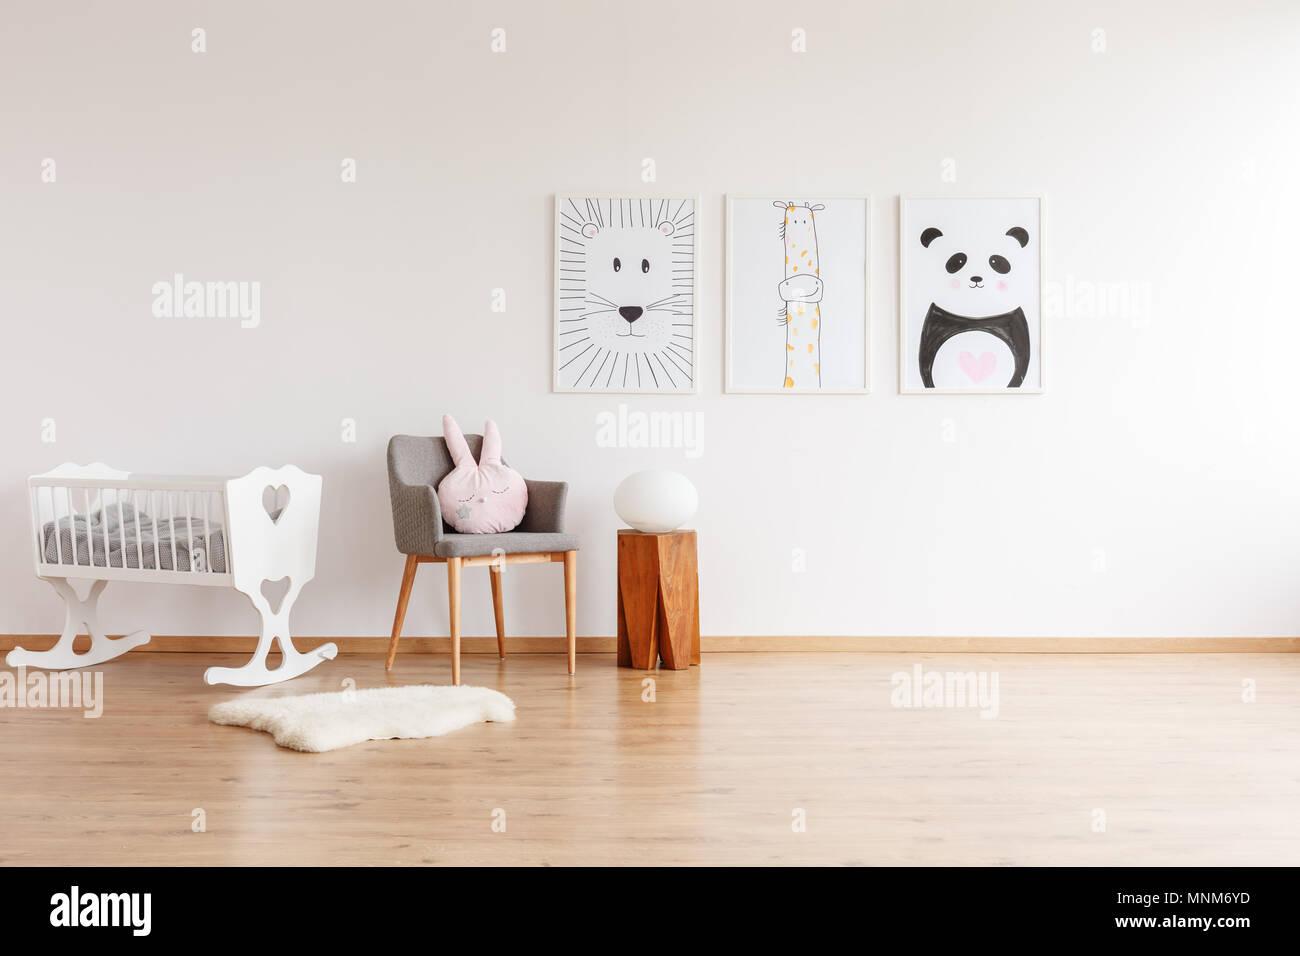 Zeichnungen Auf Der Weissen Wand Uber Grau Stuhl Mit Kissen Und